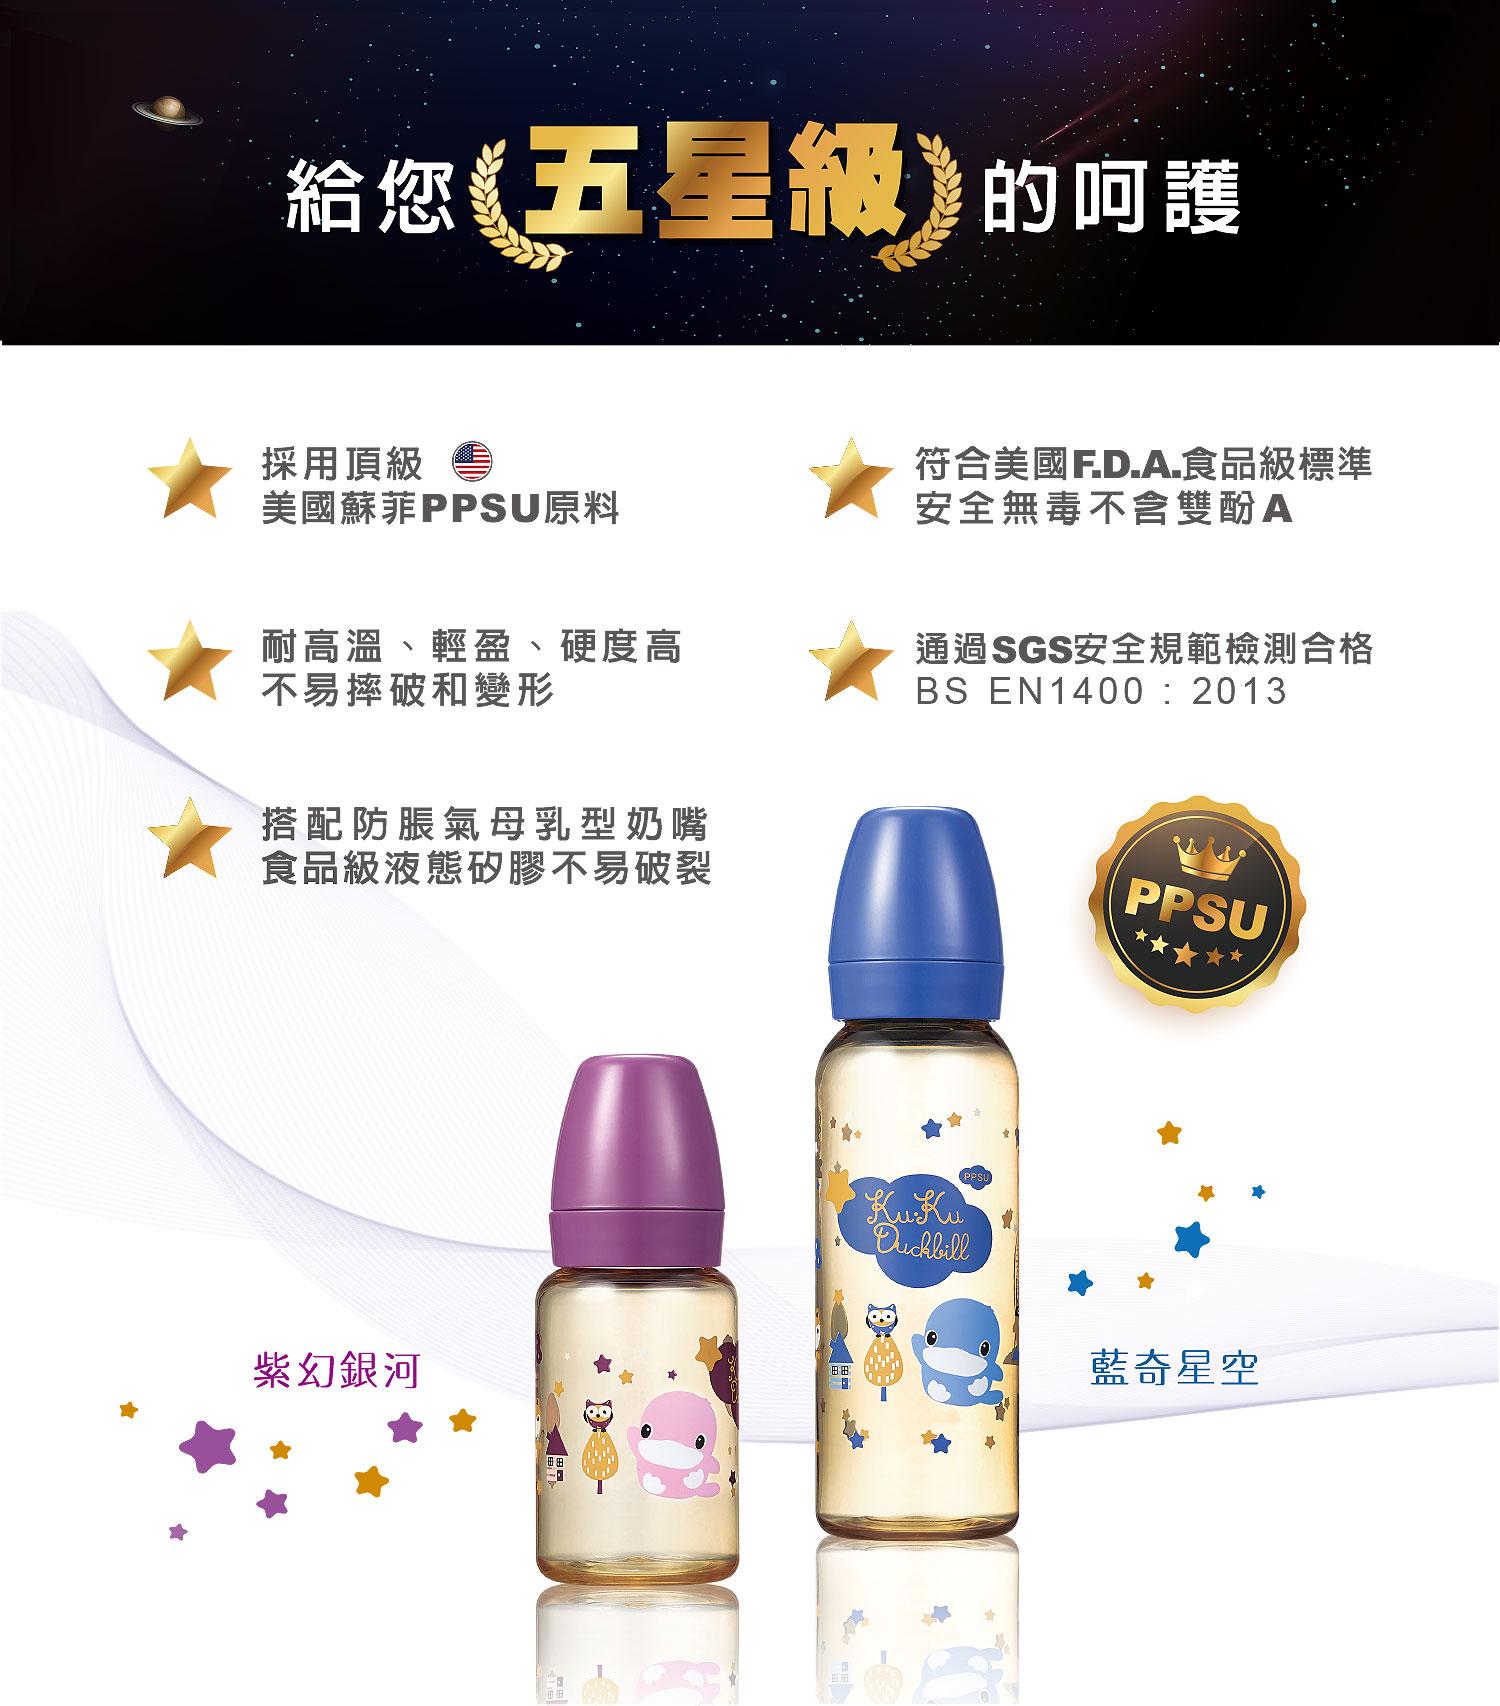 proimages/bottles/PPSU/5855/5855-PPSU星燦奶瓶-240ml-網頁編輯-2.jpg